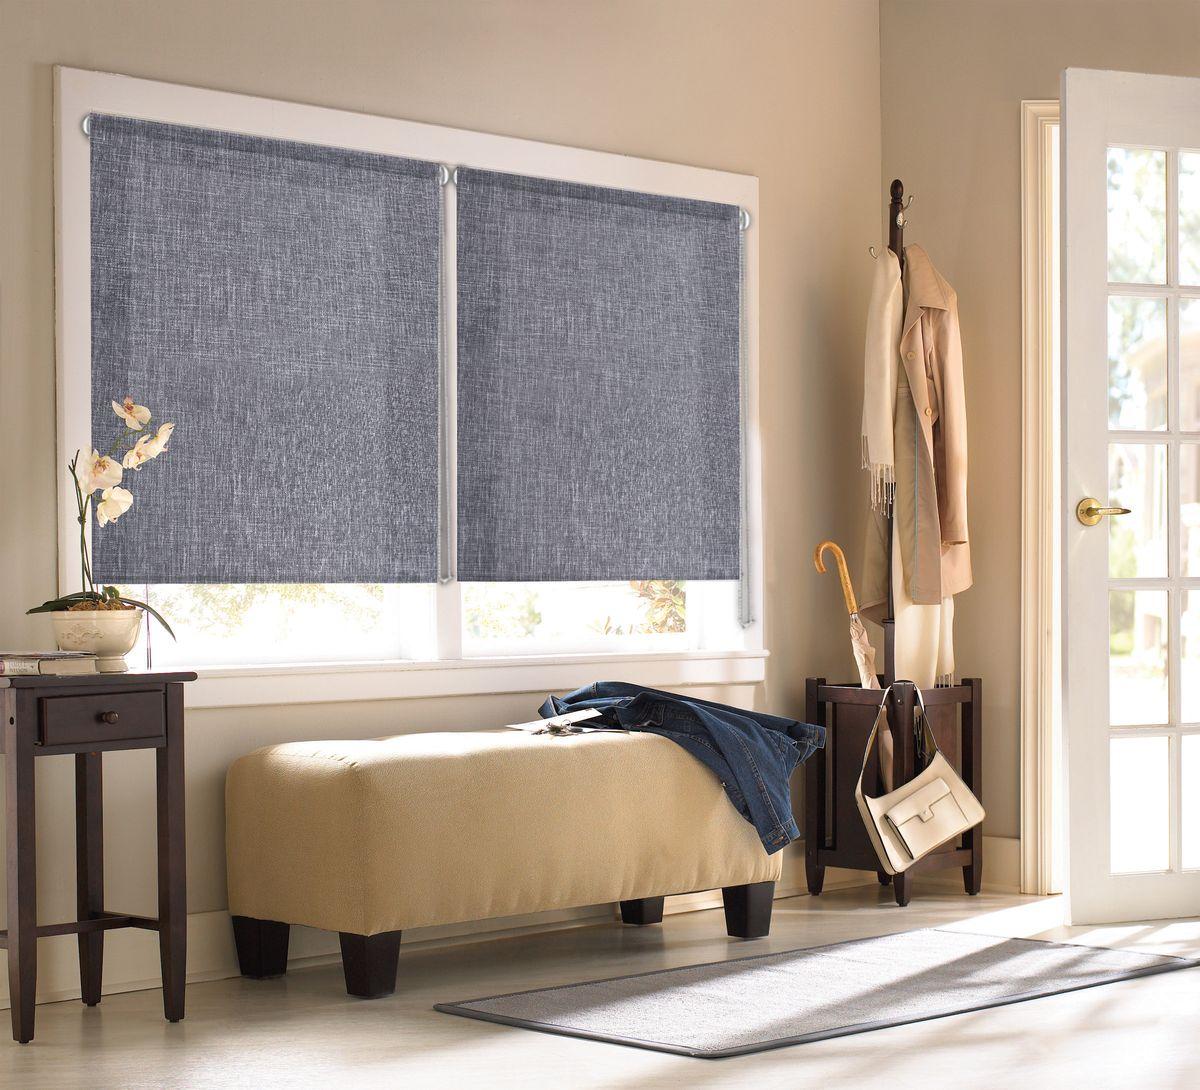 Штора рулонная Эскар Миниролло. Меланж, цвет: серый, ширина 48 см, высота 160 см304948048160Рулонными шторами можно оформлять окна как самостоятельно, так и использовать в комбинации с портьерами. Это поможет предотвратить выгорание дорогой ткани на солнце и соединит функционал рулонных с красотой навесных. Для изготовления рулонных штор используются ткани с различными рисунками и фактурой. Благодаря этому среди моделей рулонных штор для балконов и лоджий довольно большой выбор и вы всегда сможете подобрать для себя оптимальный вариант.Основу готовых штор составляет тканевое полотно, которое при открывании наматывается на вал, закрепленный в верхней части окна. Для удобства управления и ровного натяжения полотна снизу оно утяжелено пластиной. Светонепроницаемость 60%.Полотна фиксируются с помощью трубы диаметром 17 мм. Крепление осуществляется на раму без сверления: с помощью клипсы на откидное окно; с помощью площадки с двустороннем скотчем на глухое окно.Преимущества применения рулонных штор для пластиковых окон: - имеют прекрасный внешний вид: многообразие и фактурность материала изделия отлично смотрятся в любом интерьере;- многофункциональны: есть возможность подобрать шторы способные эффективно защитить комнату от солнца, при этом она не будет слишком темной; - есть возможность осуществить быстрый монтаж.ВНИМАНИЕ! Ширина изделия указана по ширине ткани! Для выбора правильного размера необходимо учитывать - ткань должна закрывать оконное стекло на 3 см.Однотонная палитра - будет идеально гармонировать в любом интерьере, сочетаться с обоями, мебелью и другими функциональными или стилевыми элементами.